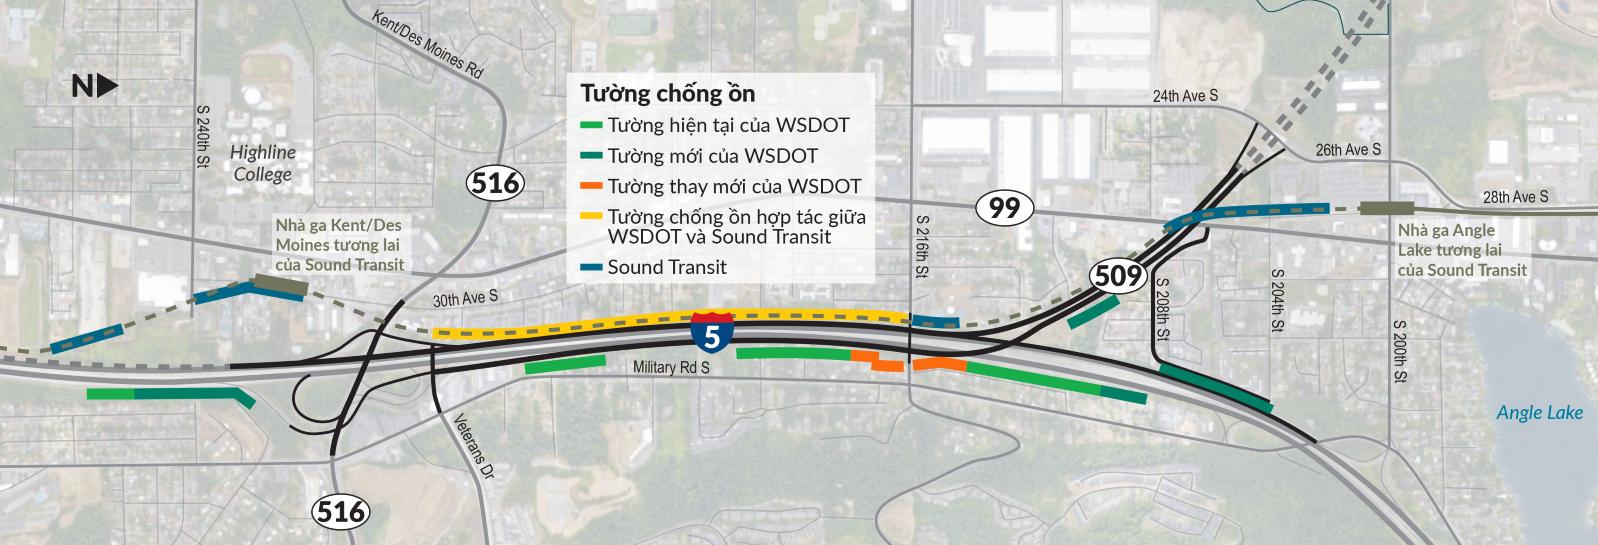 Dự án sẽ cải thiện việc tiếp cận tại khu vực bằng việc nâng cấp các nút giao thông, đường dẫn mới kết nối I-5 và SR 509, và dặm đầu của cao tốc SR 509